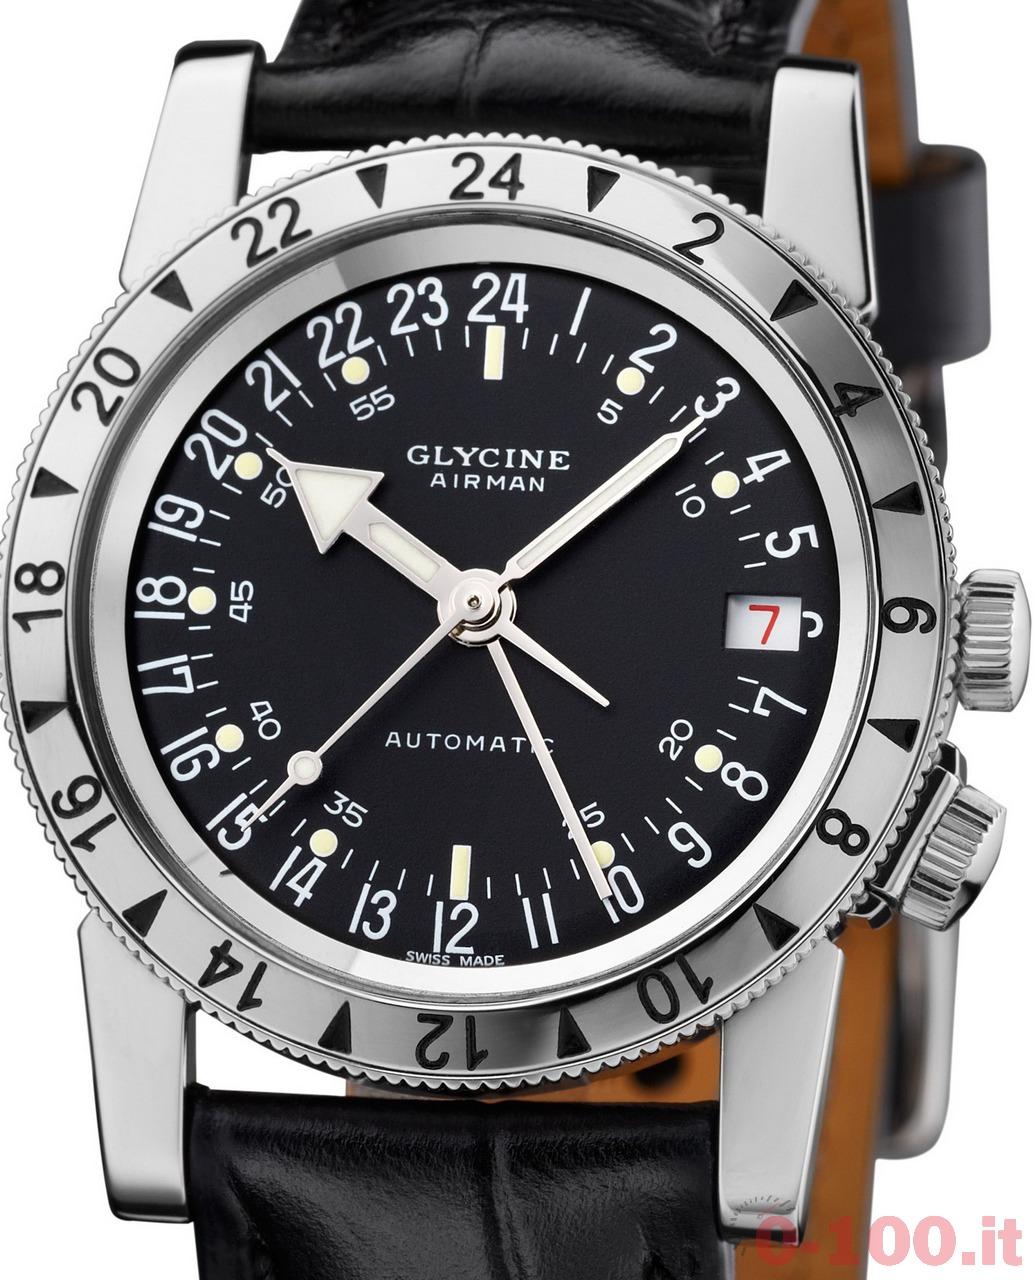 glycine-airman-n-1-ref-3944-19-lbk9-prezzo-price-0-100_1